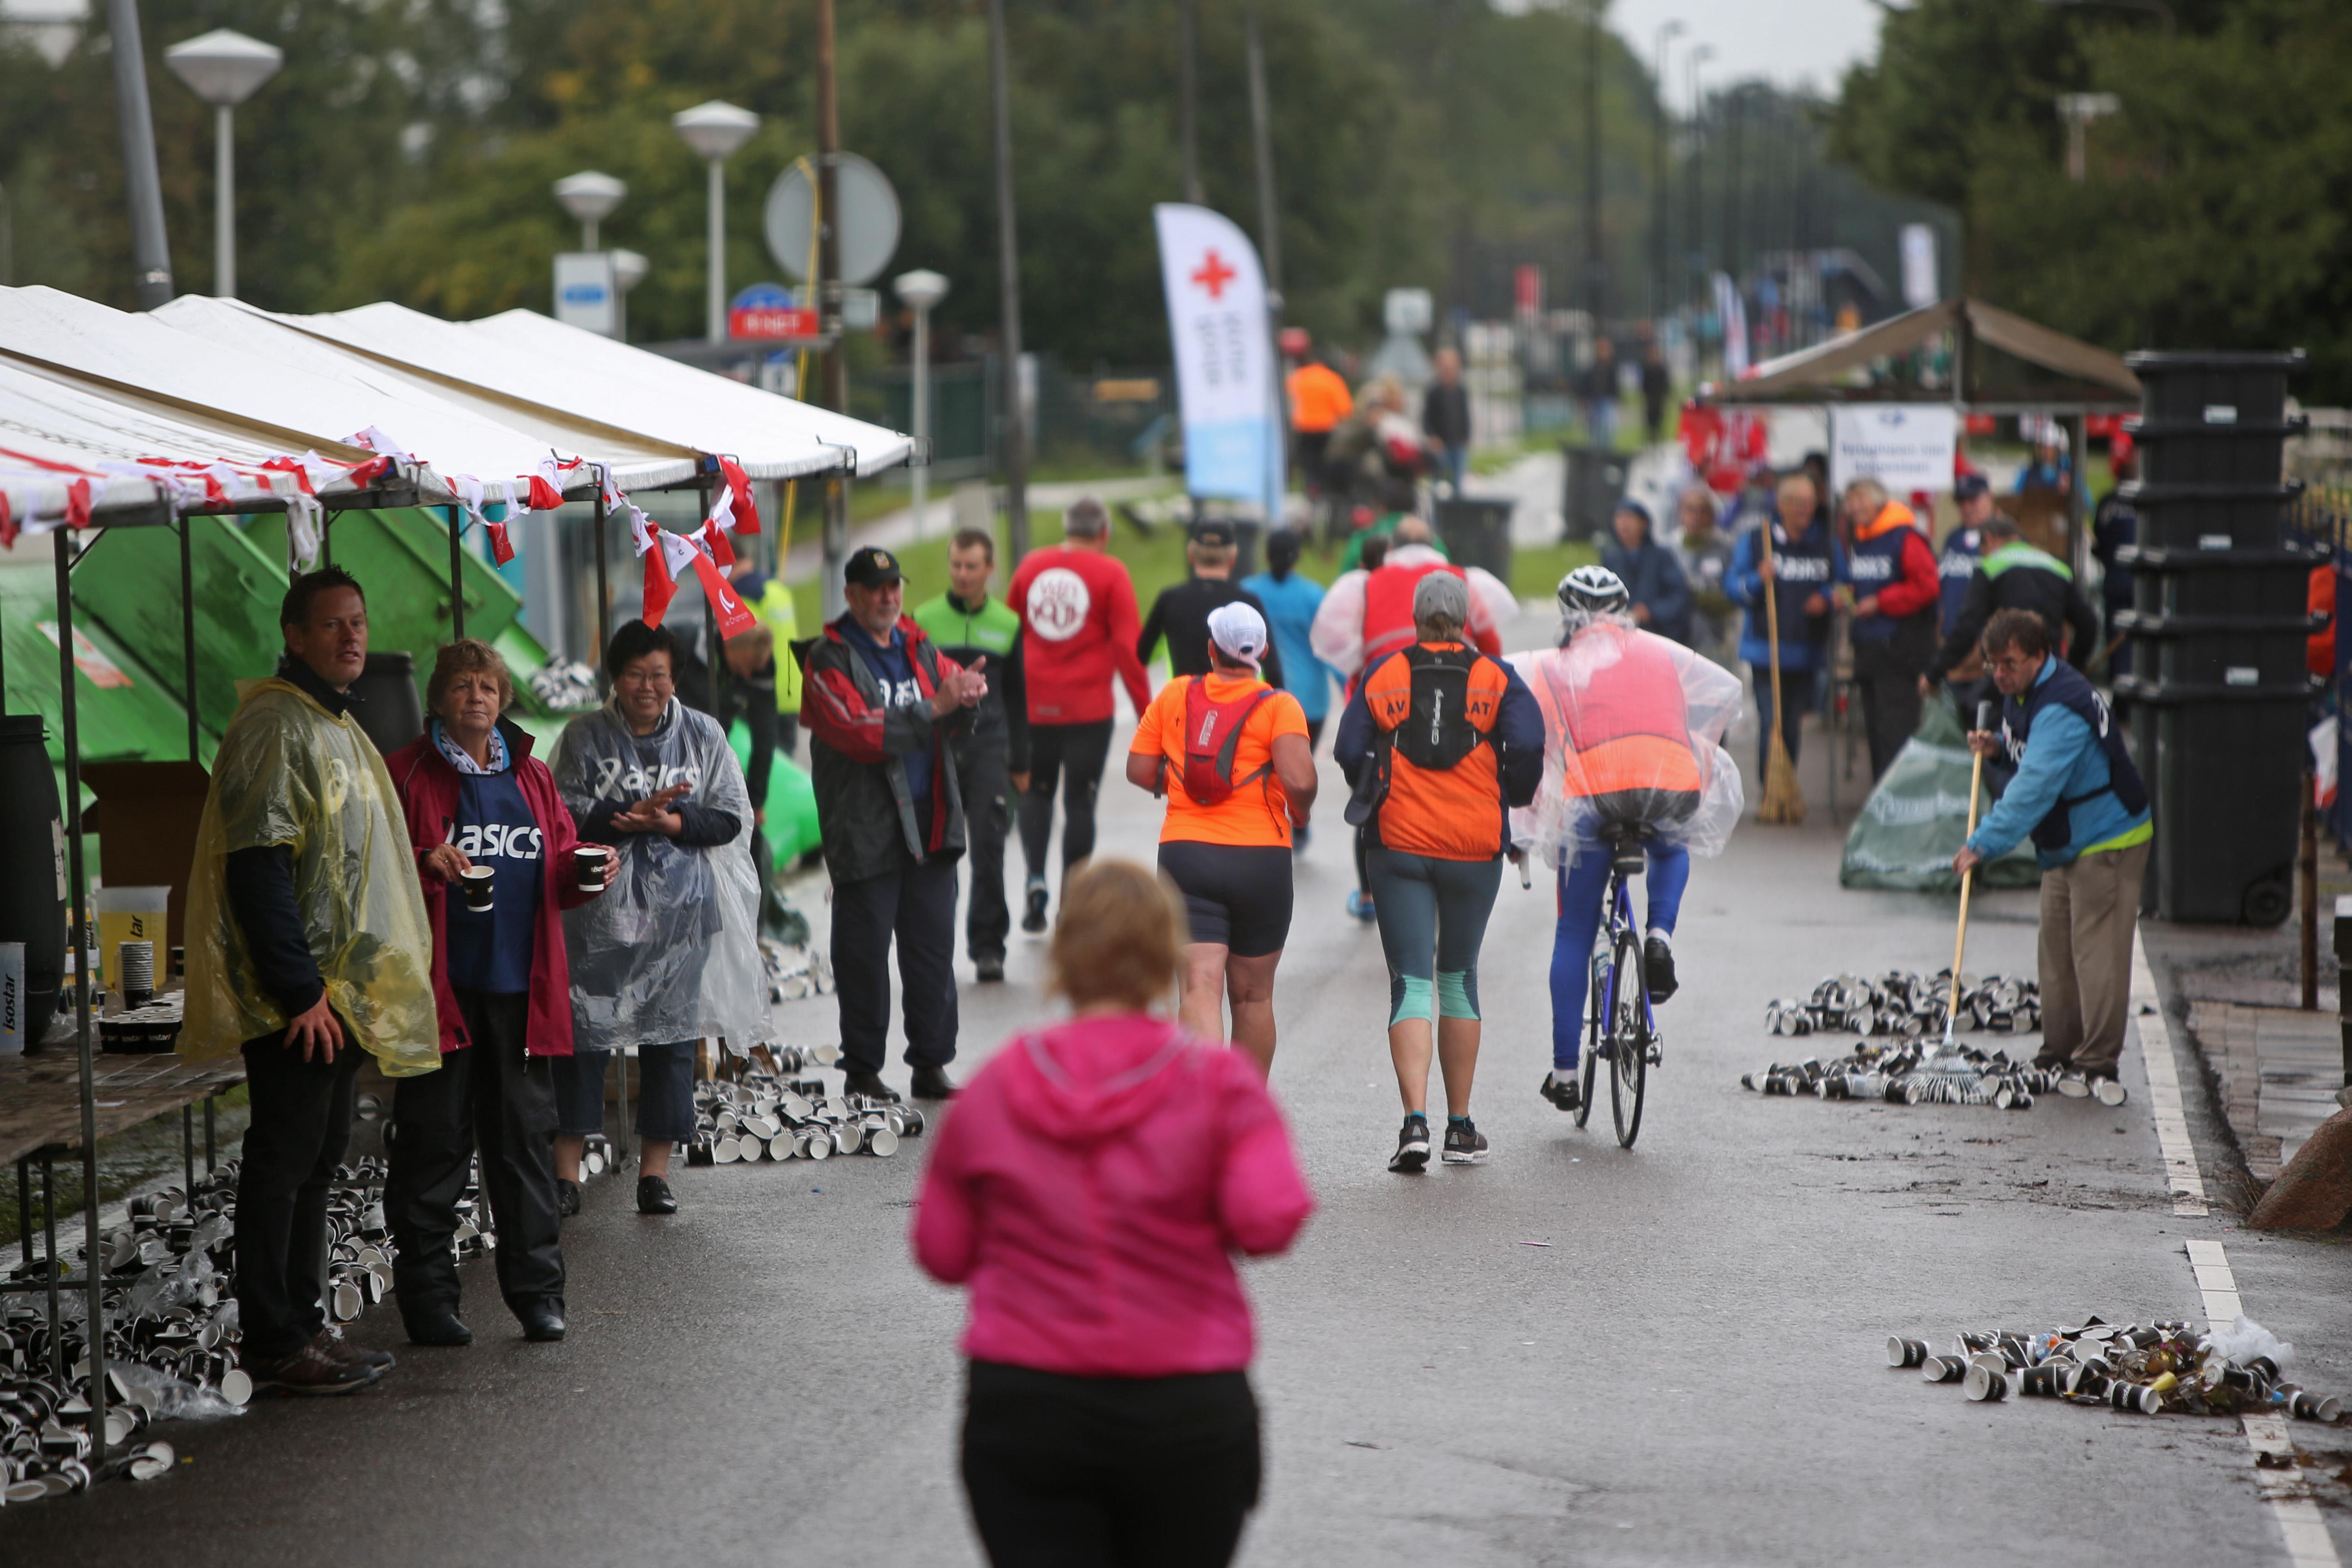 Toeschouwers moedigen achterhoede Damlopers aan op de Peperstraat in Zaandam. (Foto: Rowin van Diest) rodi.nl © rodi